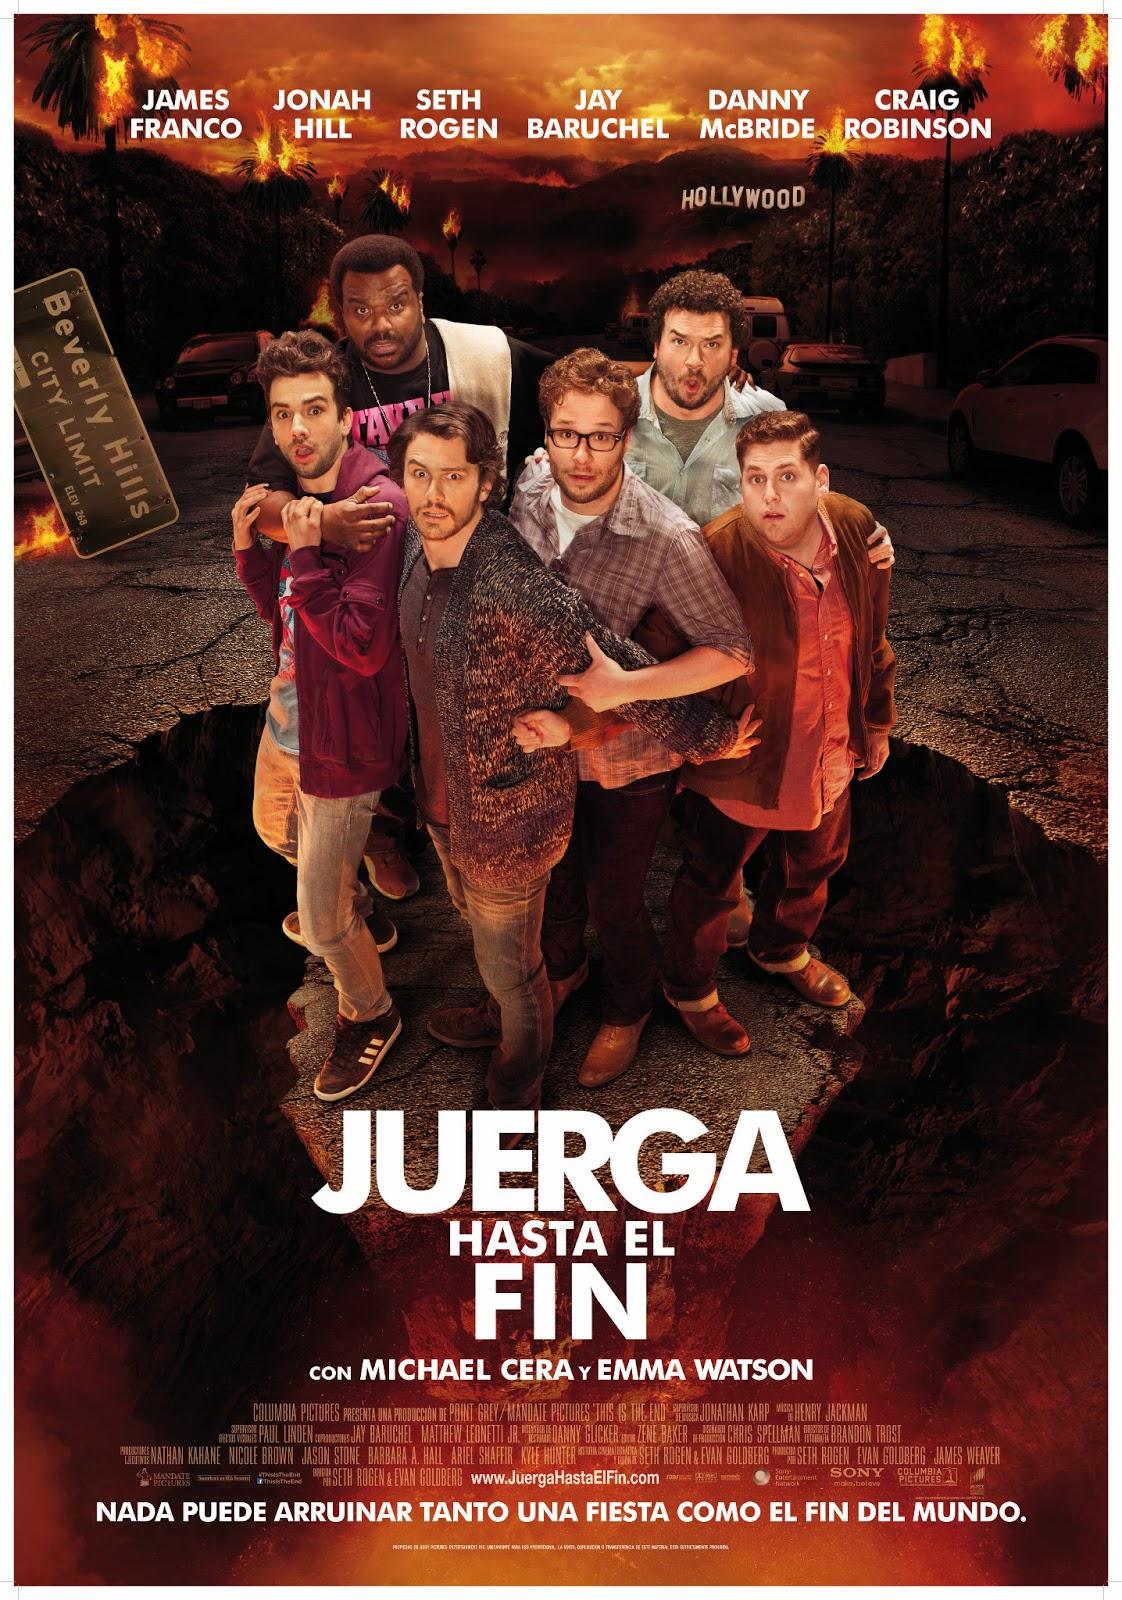 [Imagen: juerga-hasta-el-fin.jpg]